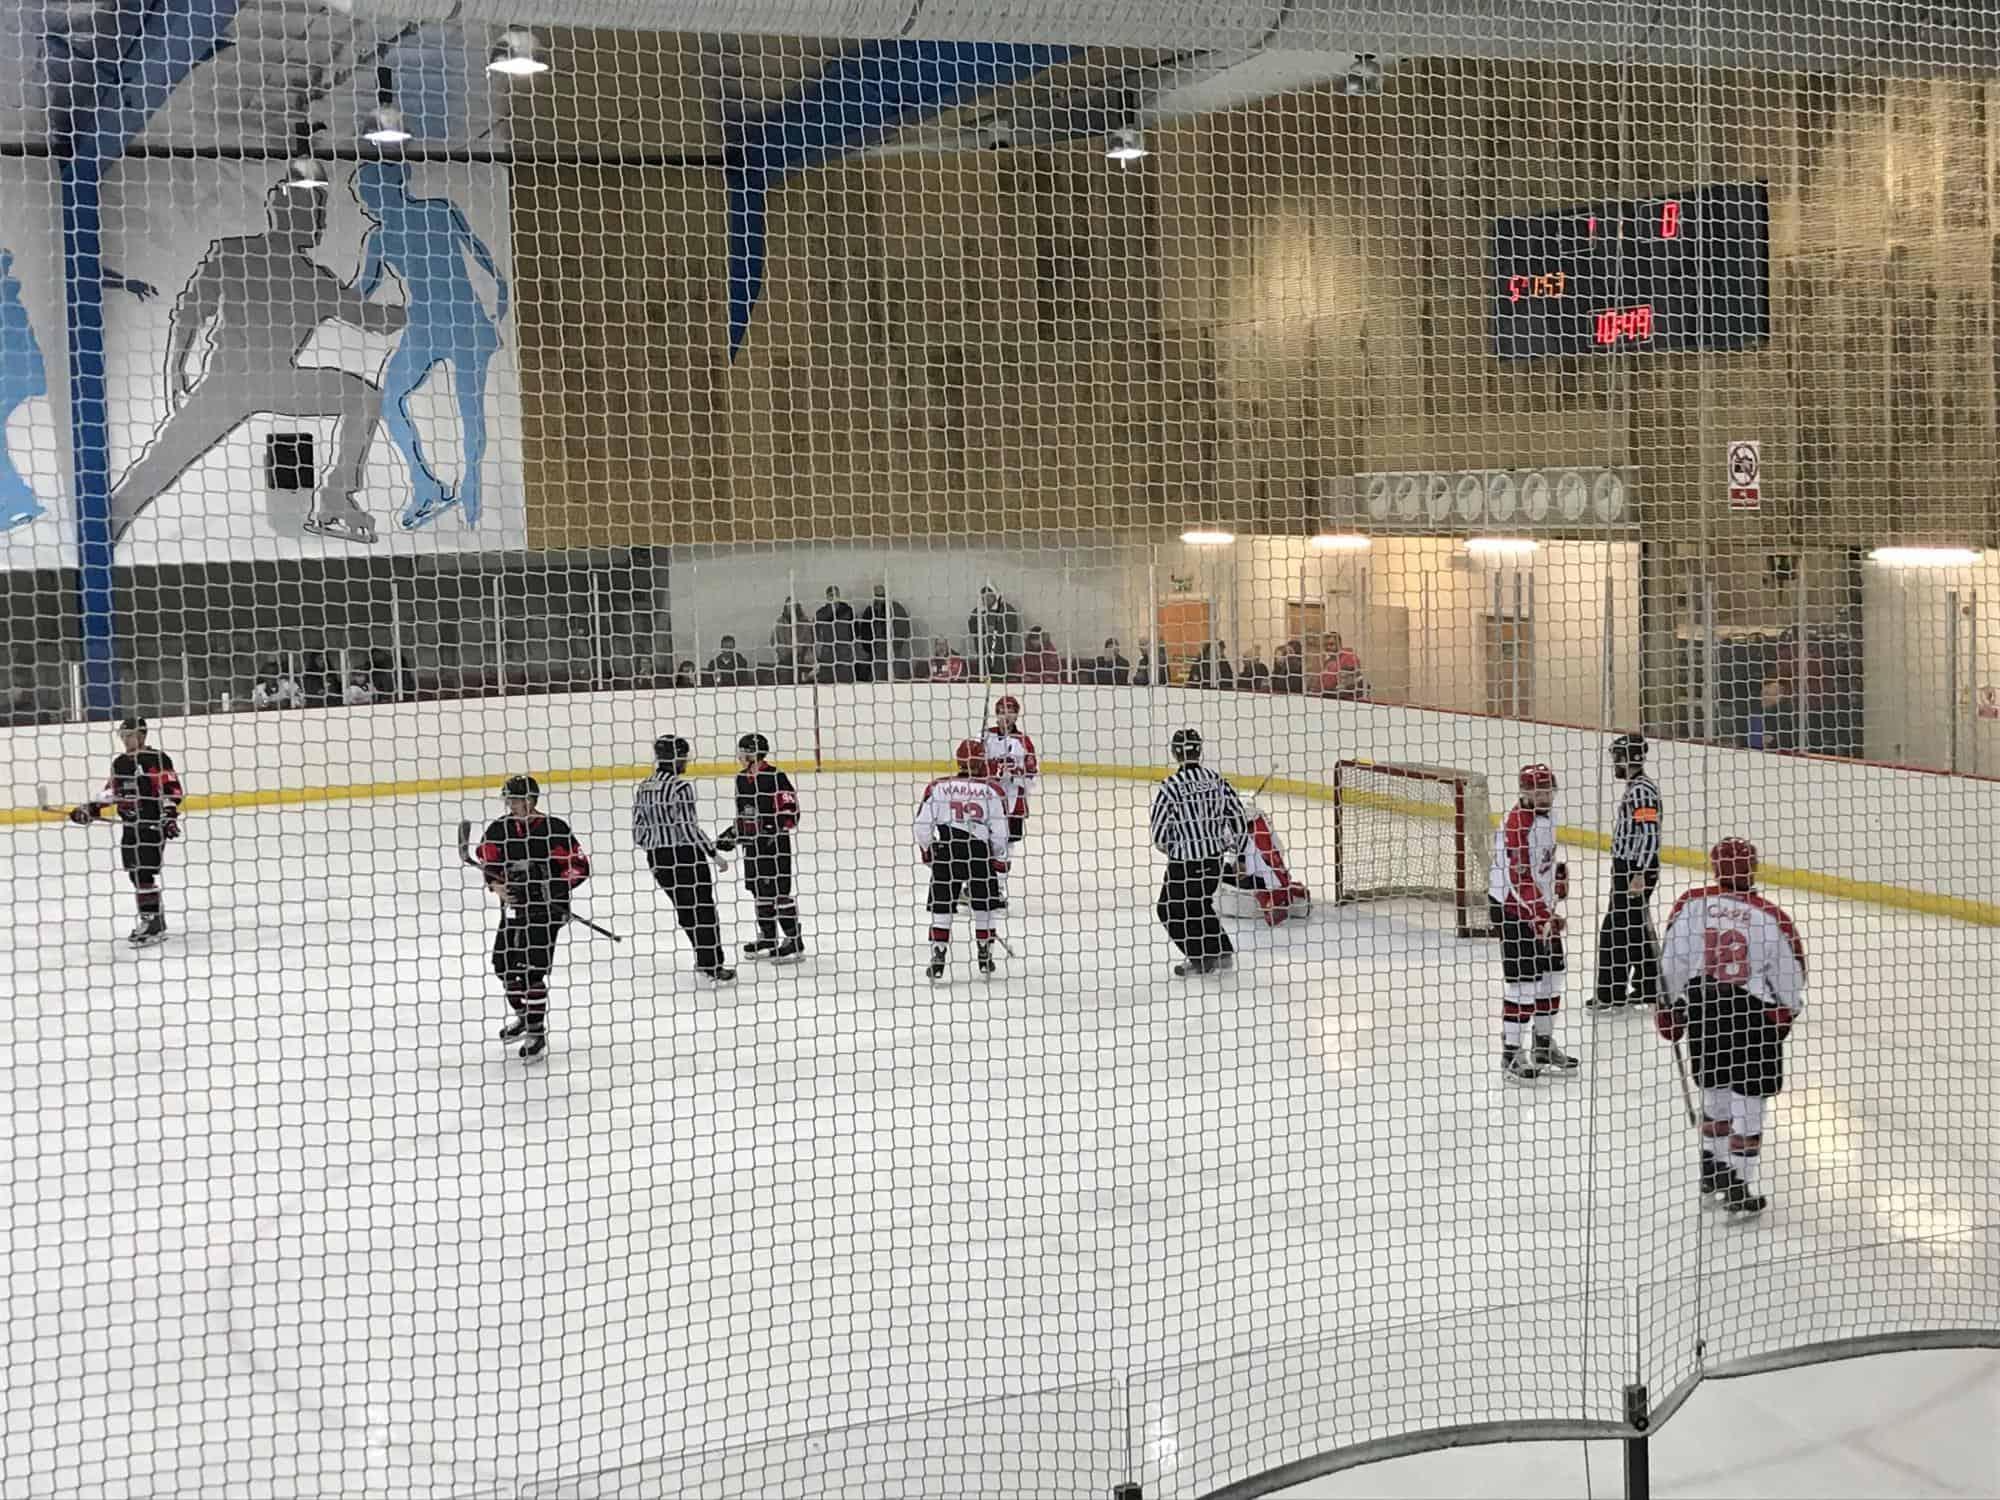 Streatham Redhawks versus Milton Keynes Thunder ice hockey league